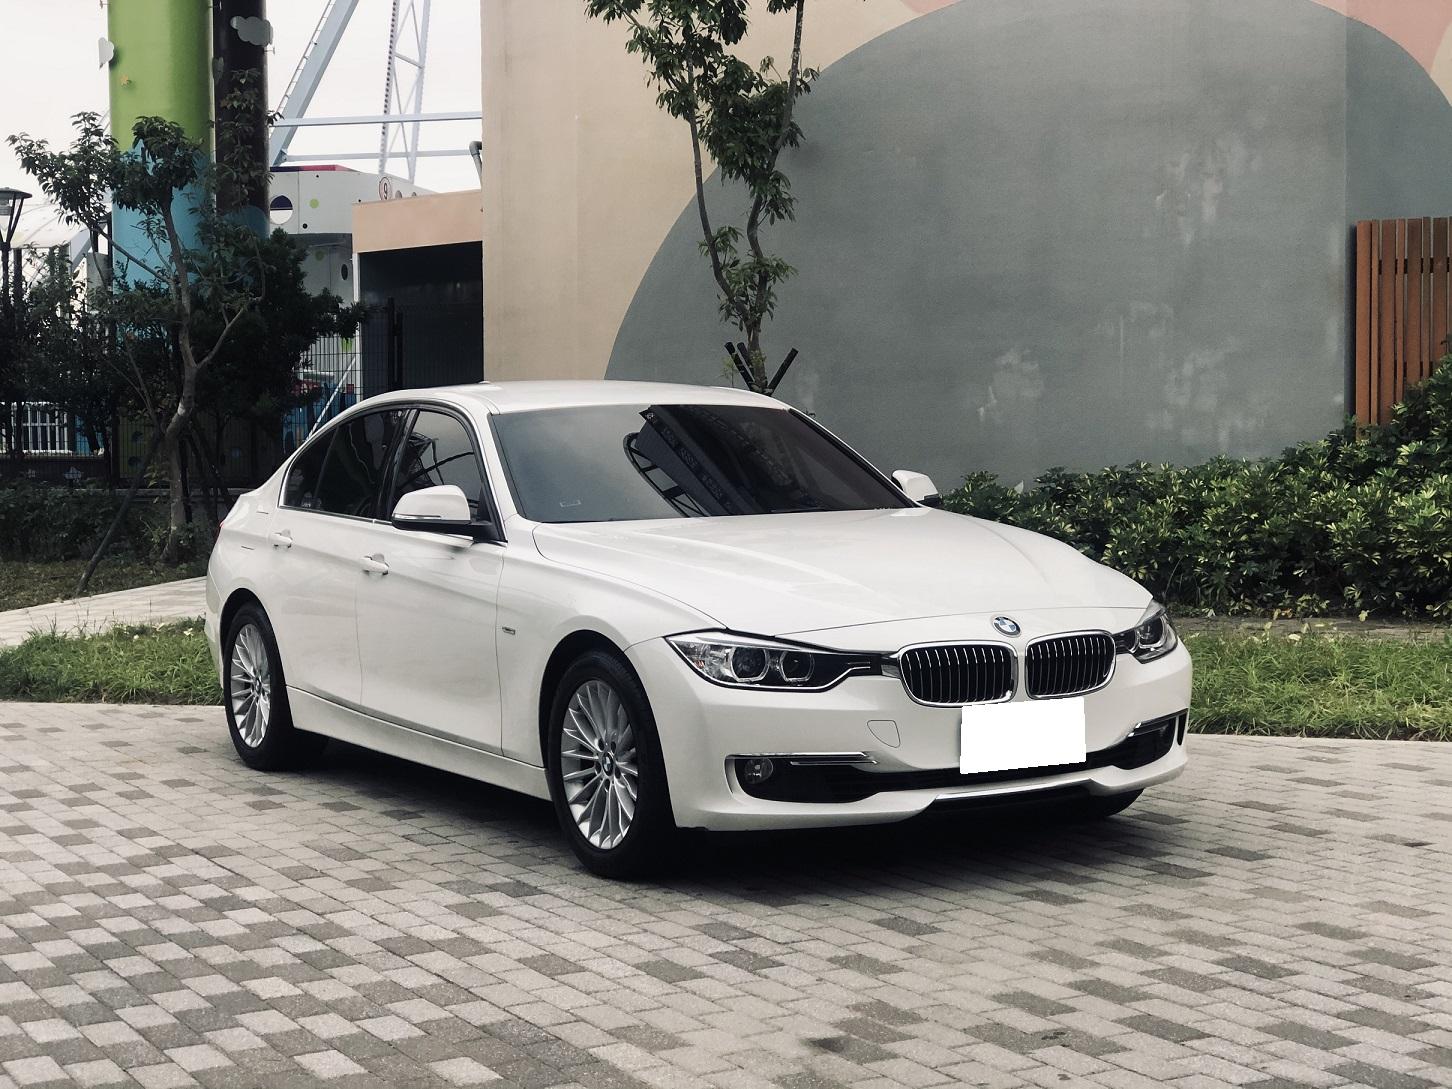 2015 BMW 寶馬 3-series sedan